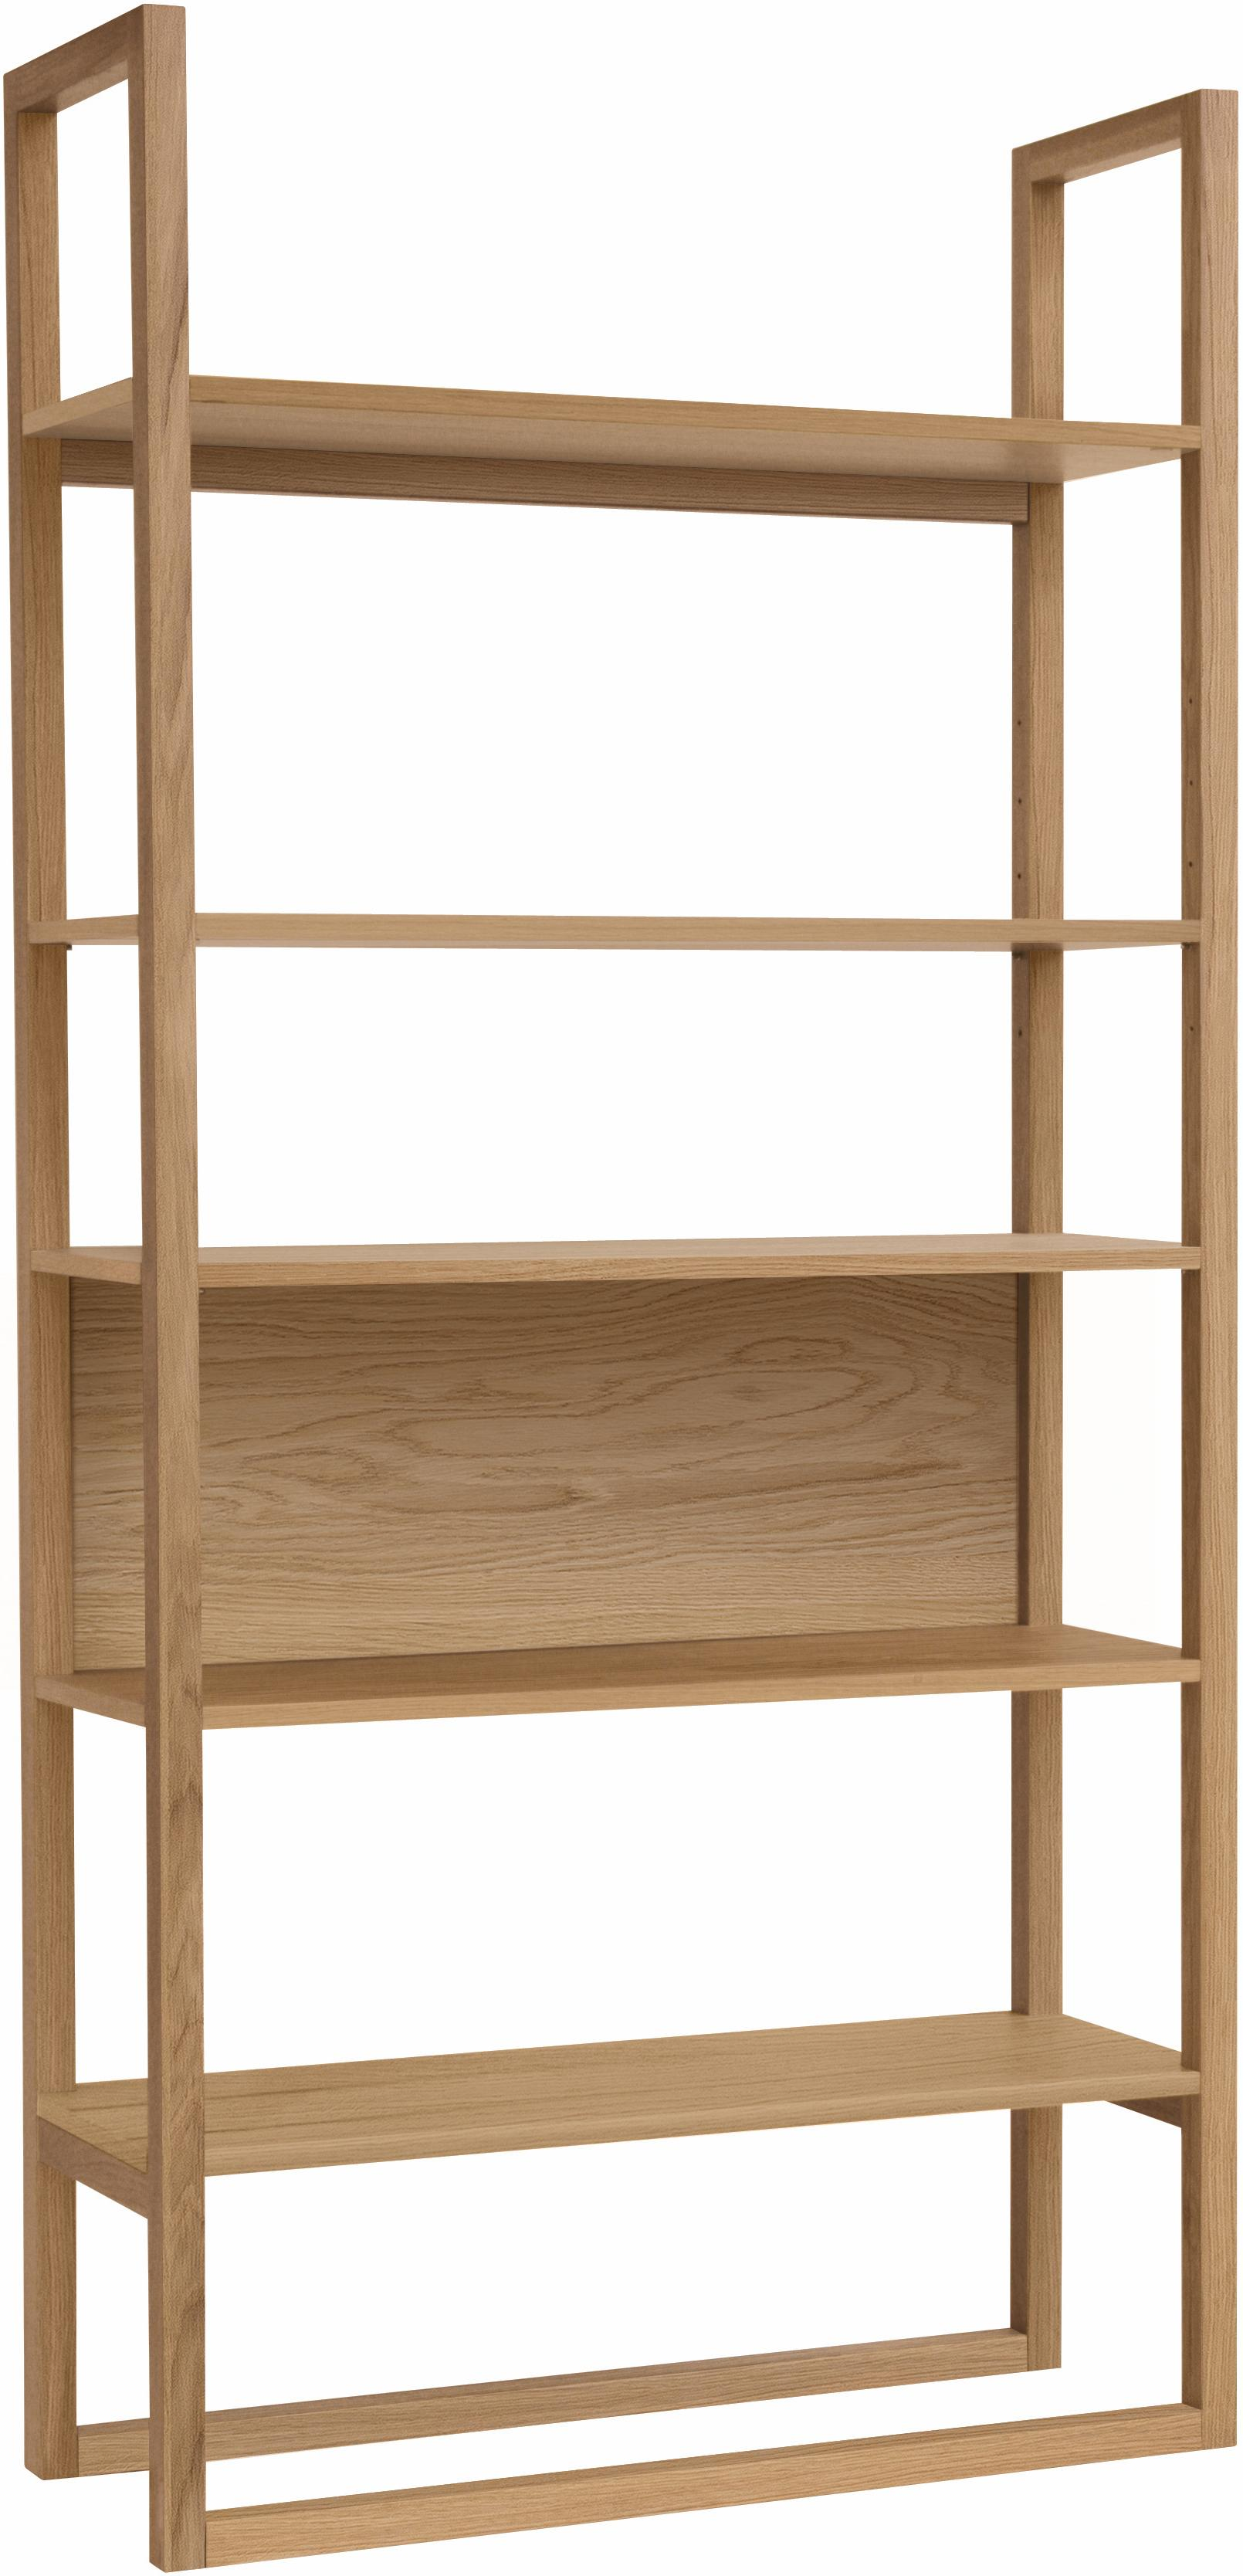 Regał z drewna dębowego NewEst, Korpus: drewno dębowe, jasny laki, Drewno dębowe, 90 x 185 cm